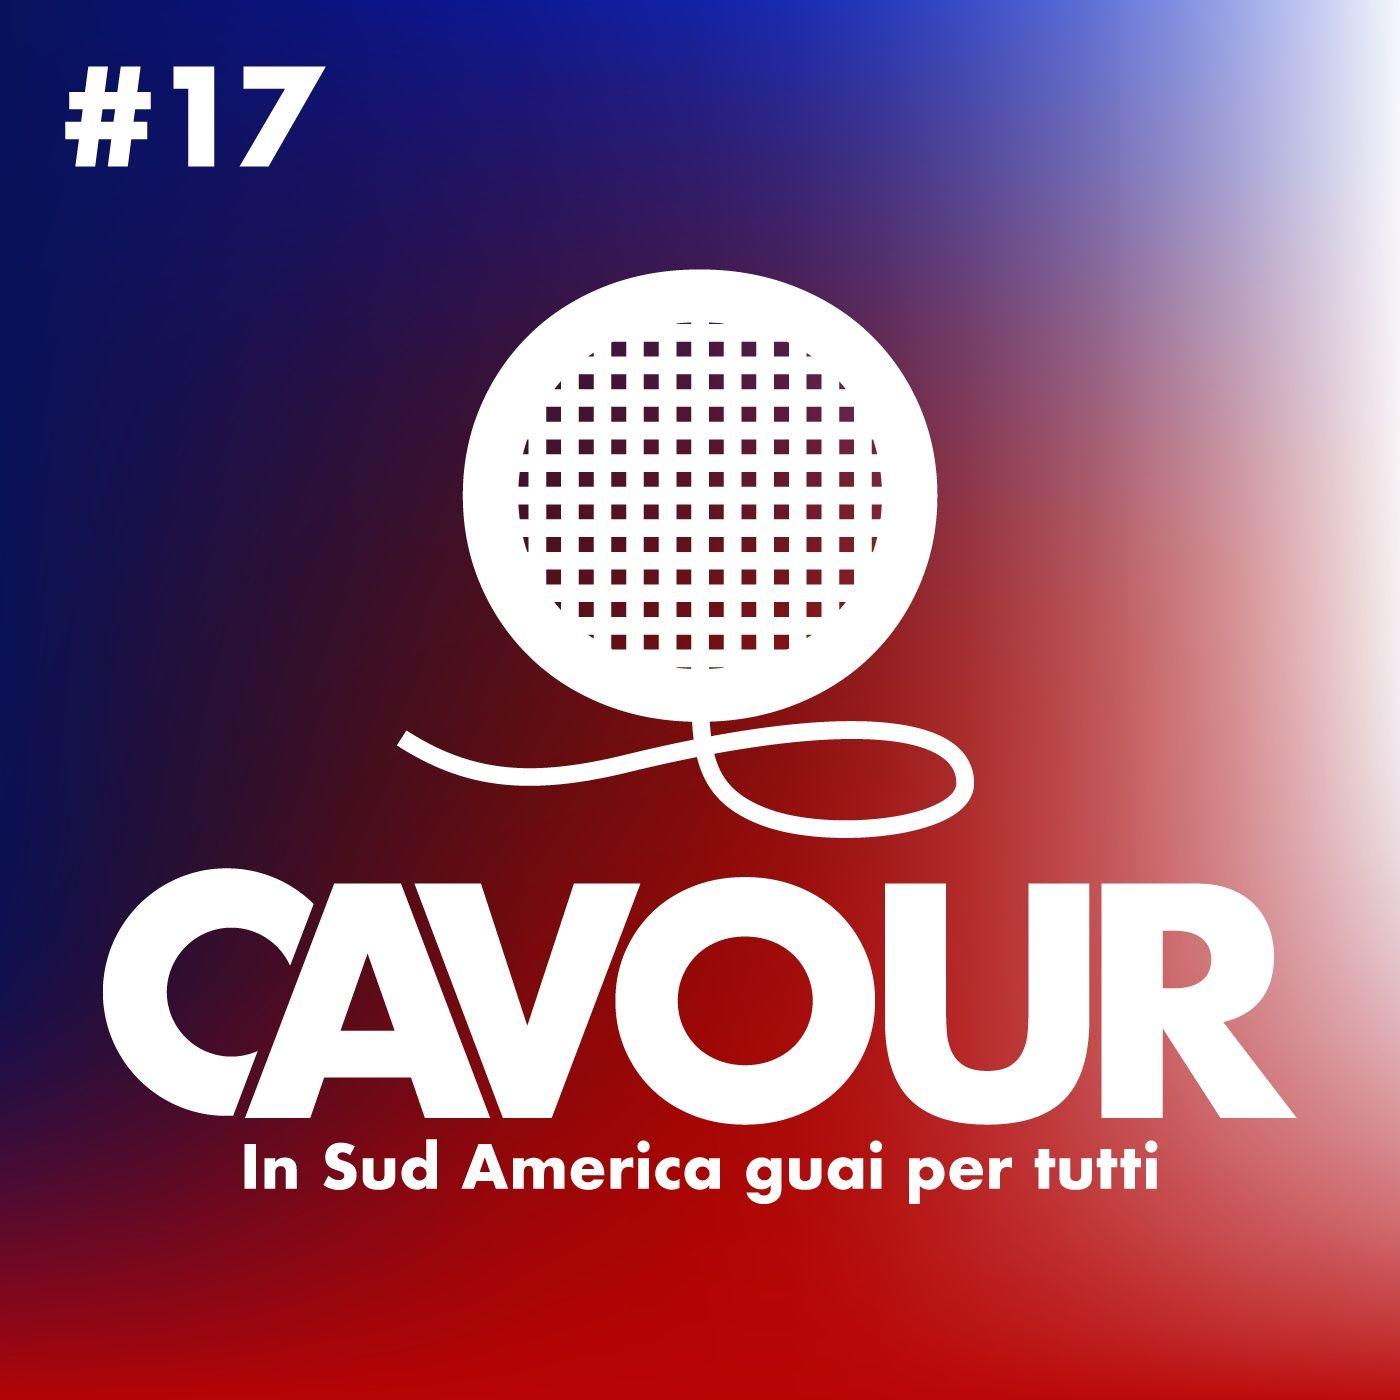 In Sud America guai per tutti #17